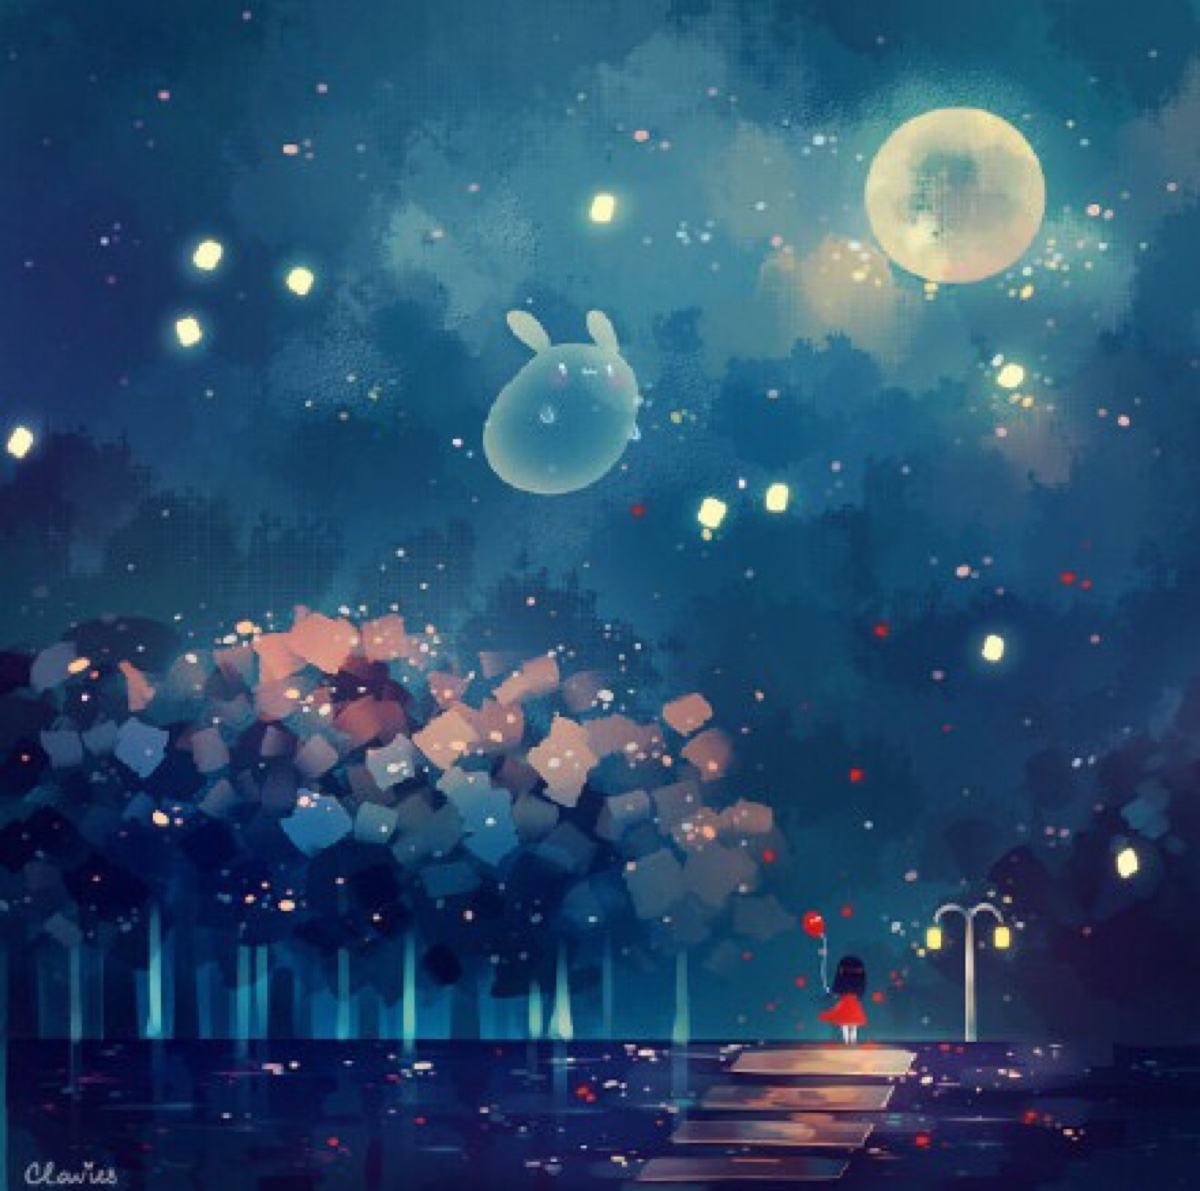 童话夜晚风景图